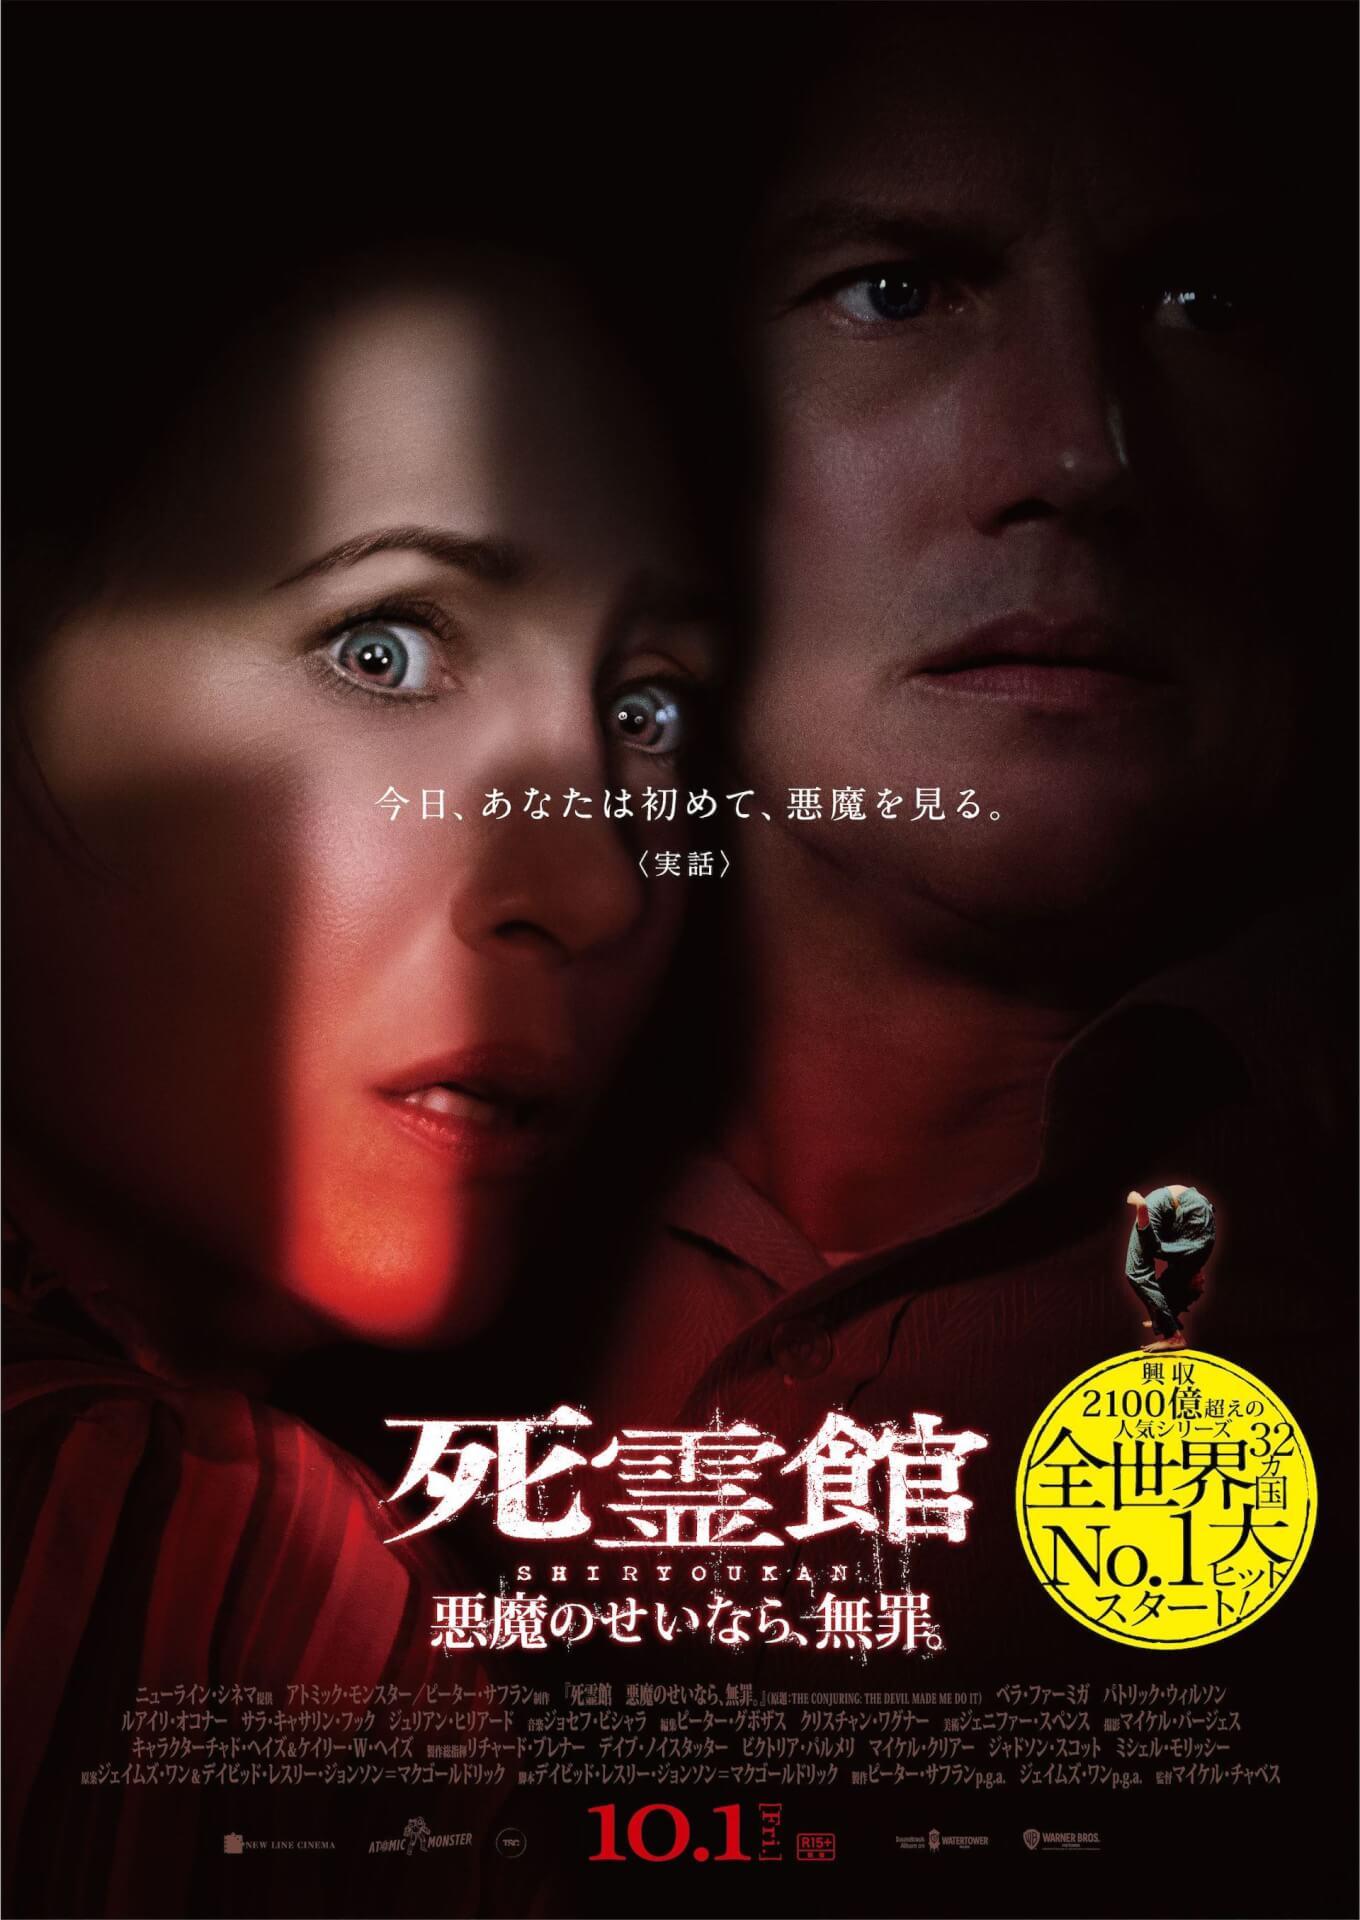 悪魔があなたの目の前に...『死霊館 悪魔のせいなら、無罪。』の日本版予告&ポスタービジュアルが解禁! film210618_theconjuring3_main